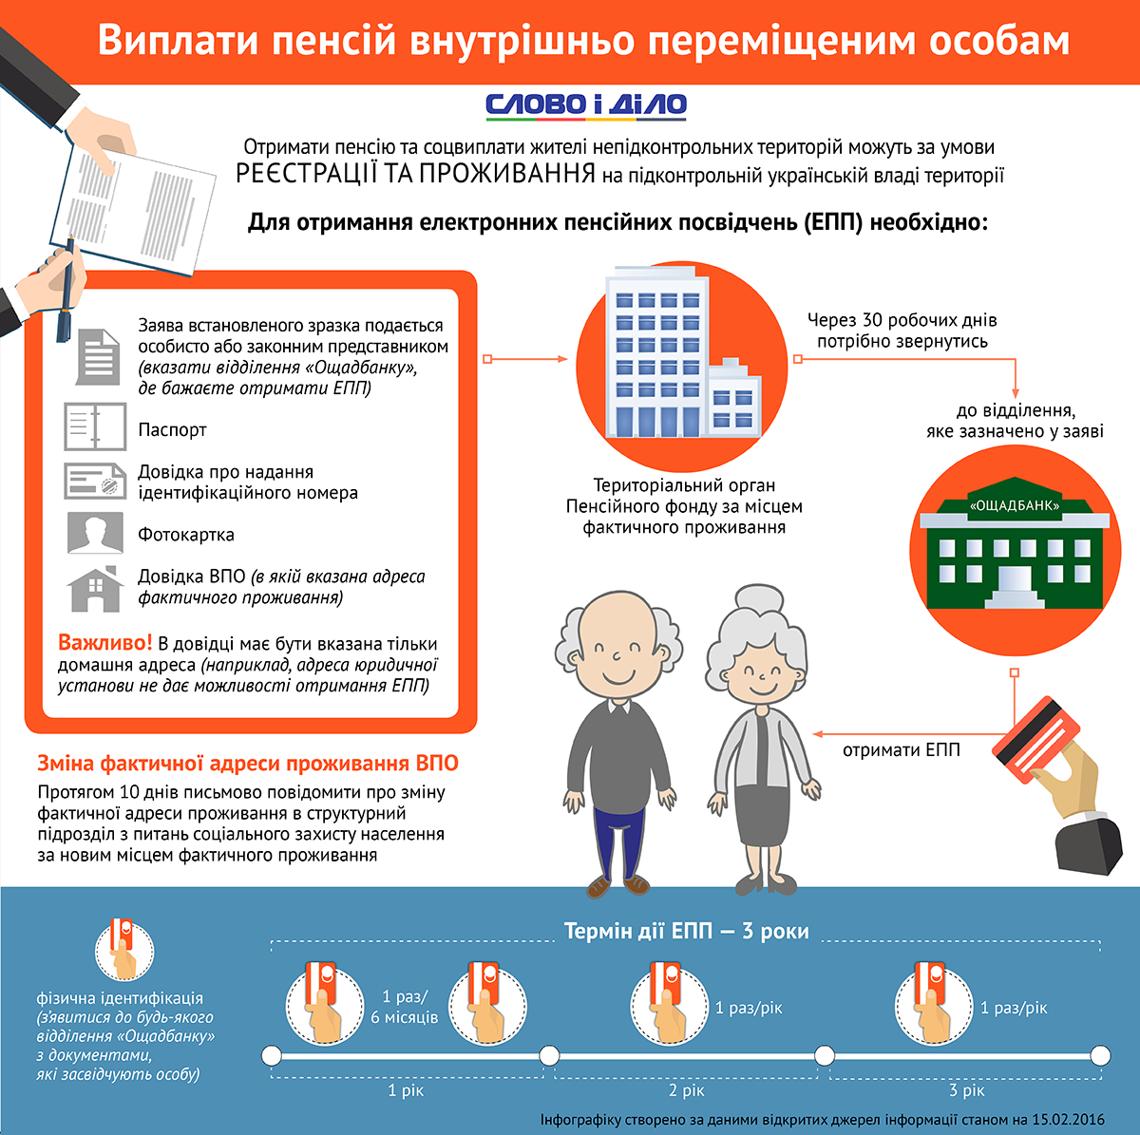 Минимальная пенсия без стажа работы в московской области